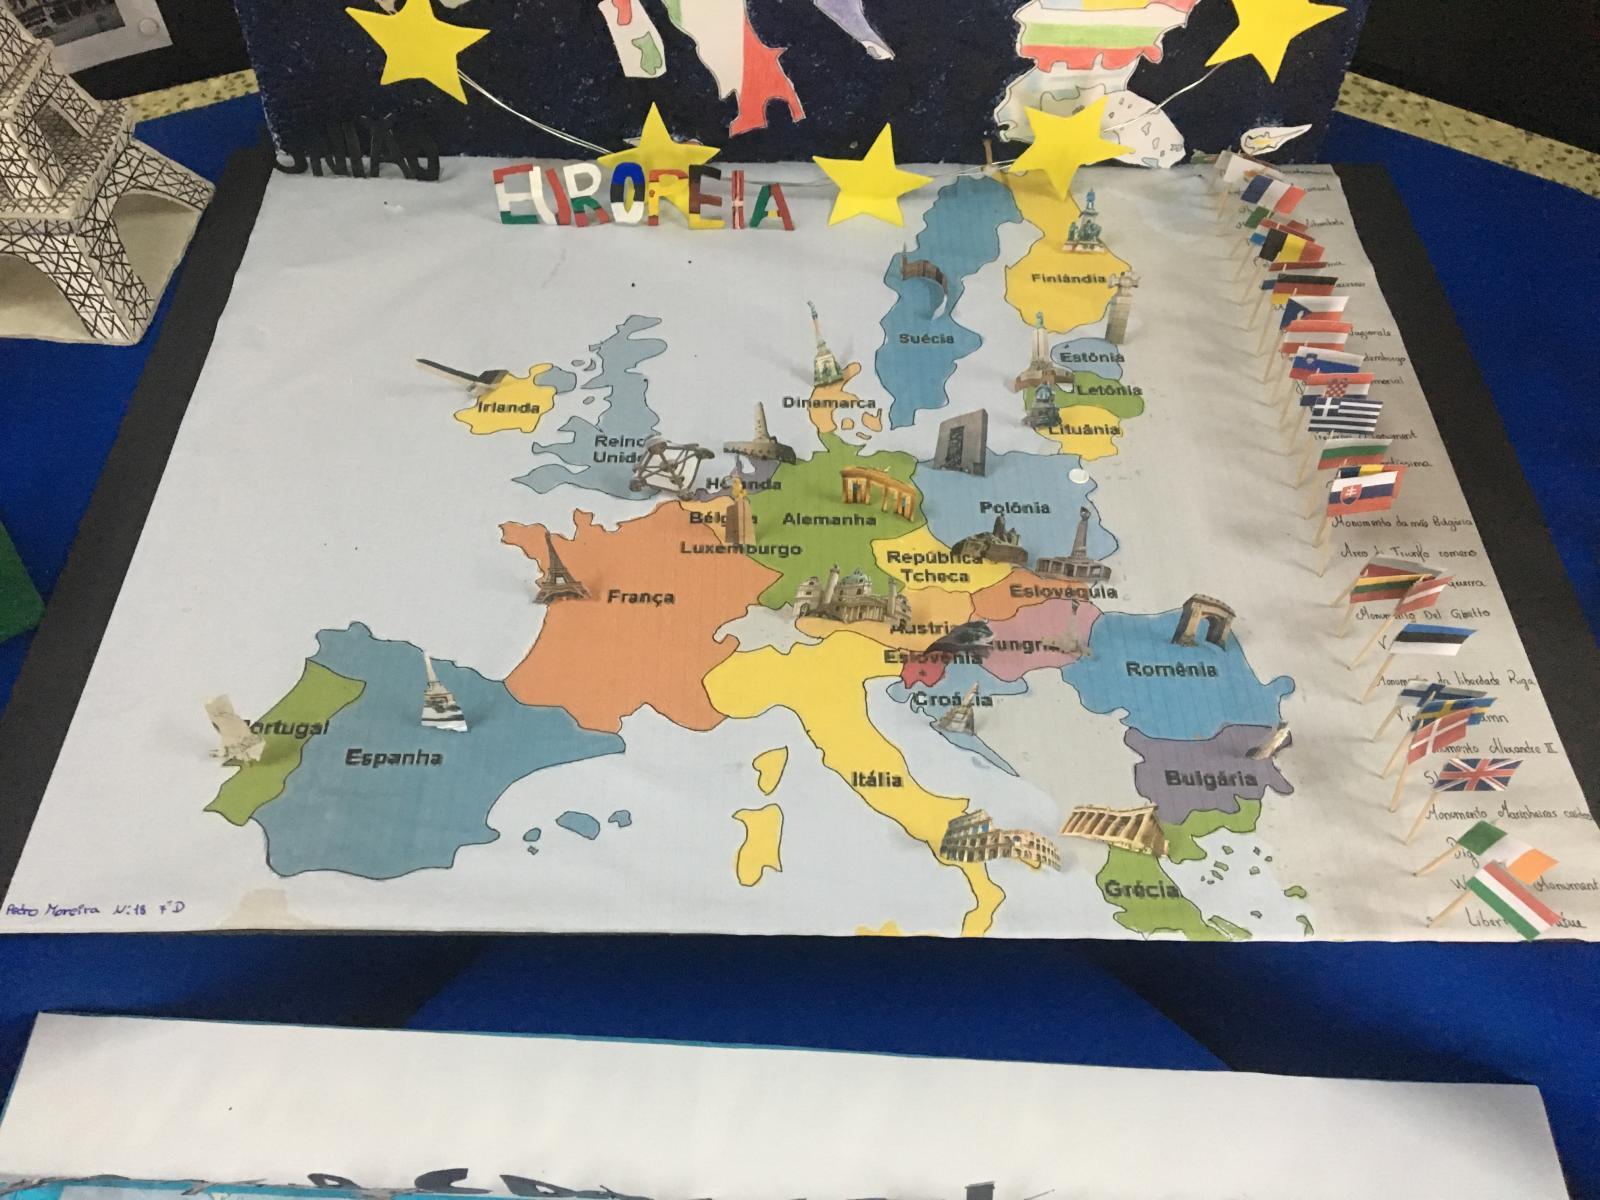 Comemoração do Dia da Europa